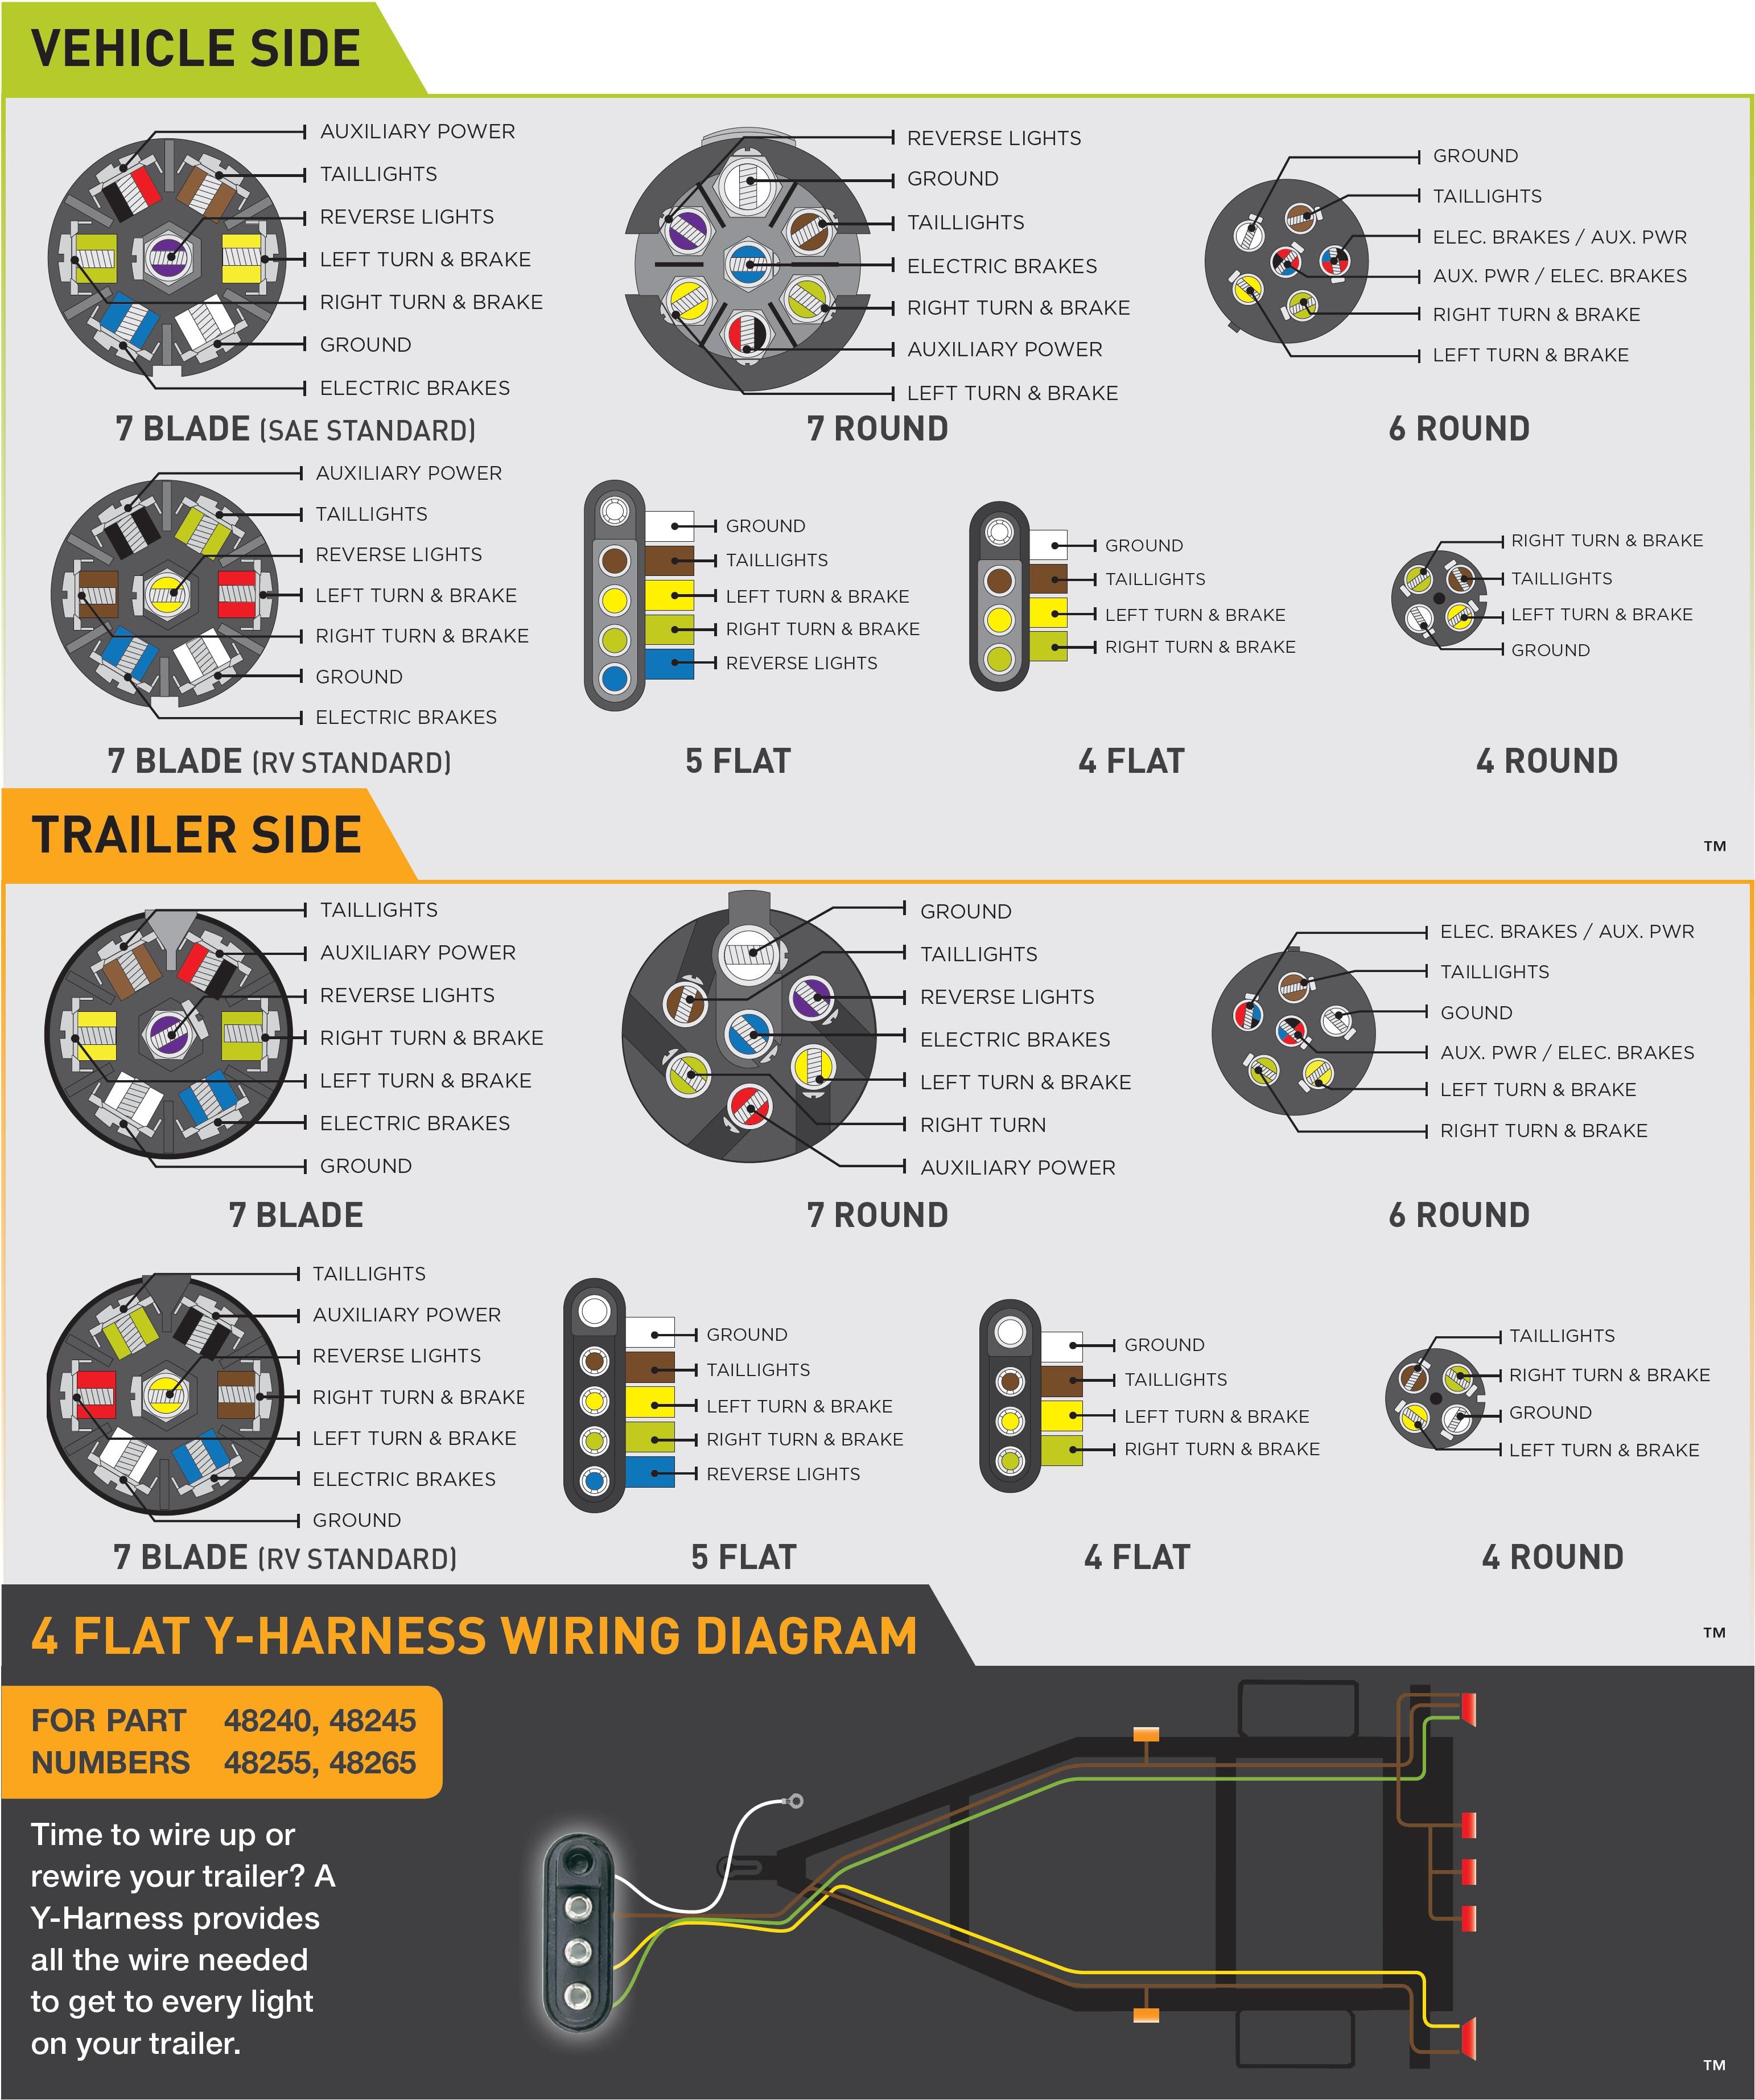 Wiring Diagram Ford Trailer Plug New 7 Way 3 | Hastalavista - Ford Trailer Wiring Diagram 7 Way